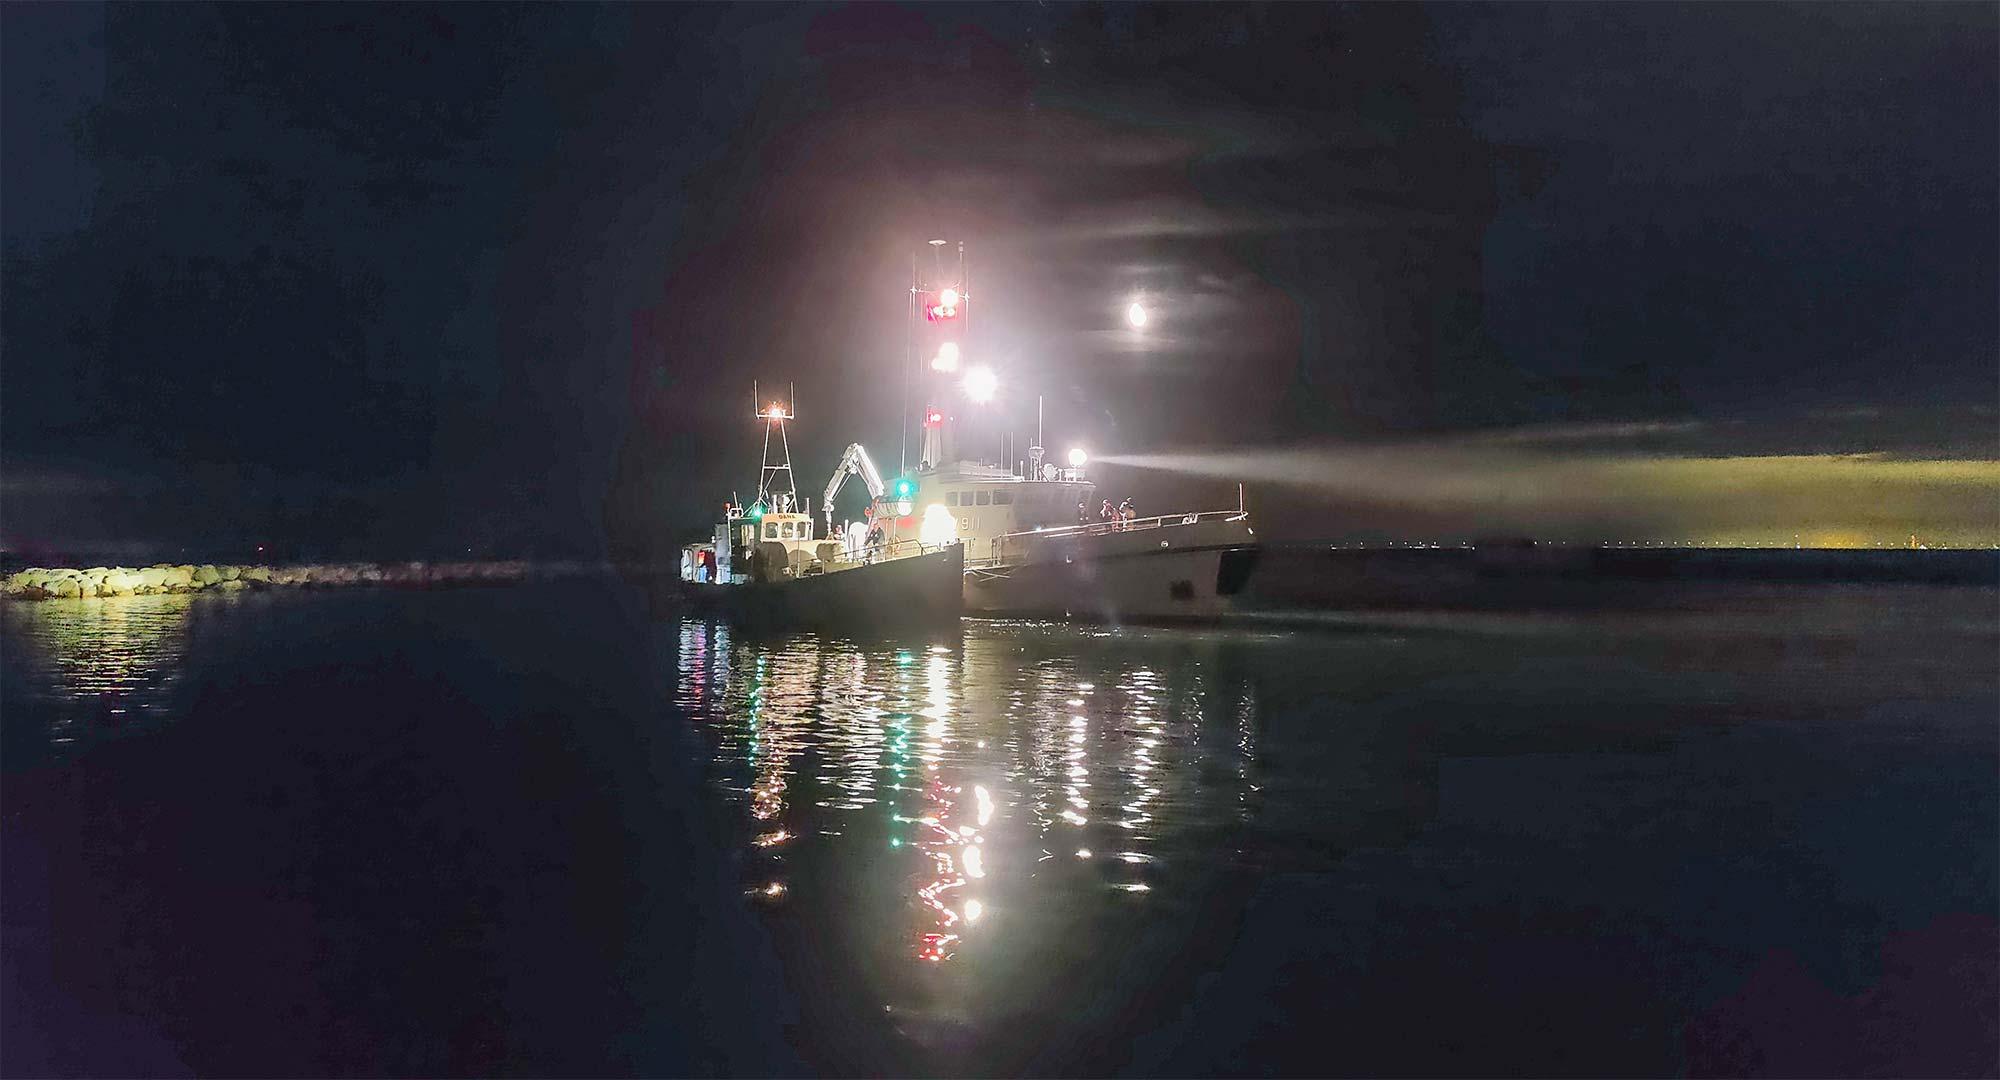 MHV 911 BOPA ved fiskekutteren tirsdag aften. Foto: Besætningen på Bopa.